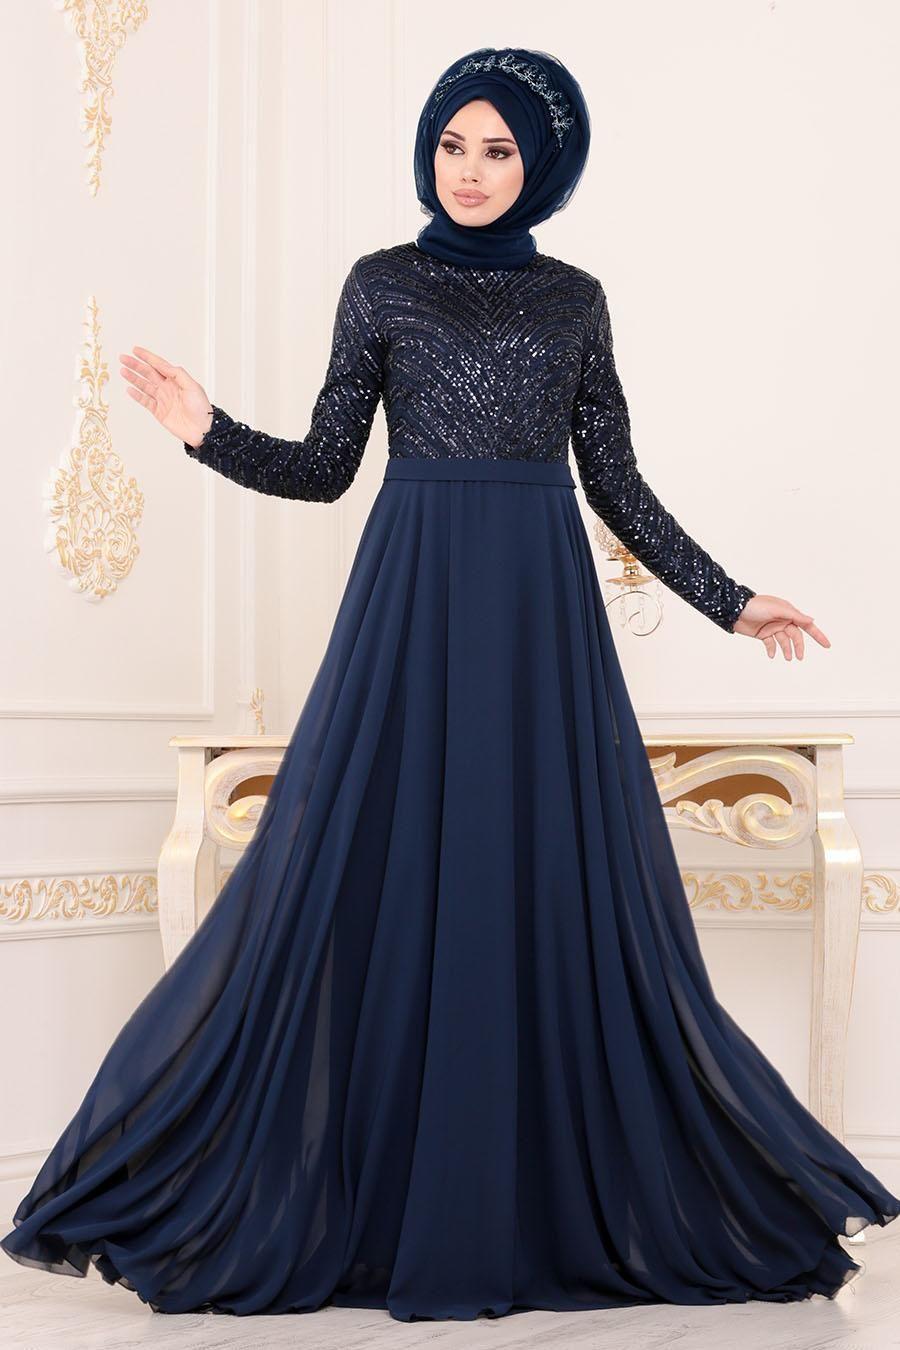 Tesetturlu Abiye Elbiseler Pul Payetli Lacivert Tesettur Abiye Elbise 8588l Tesetturisland Com Elbiseler Resmi Elbise Elbise